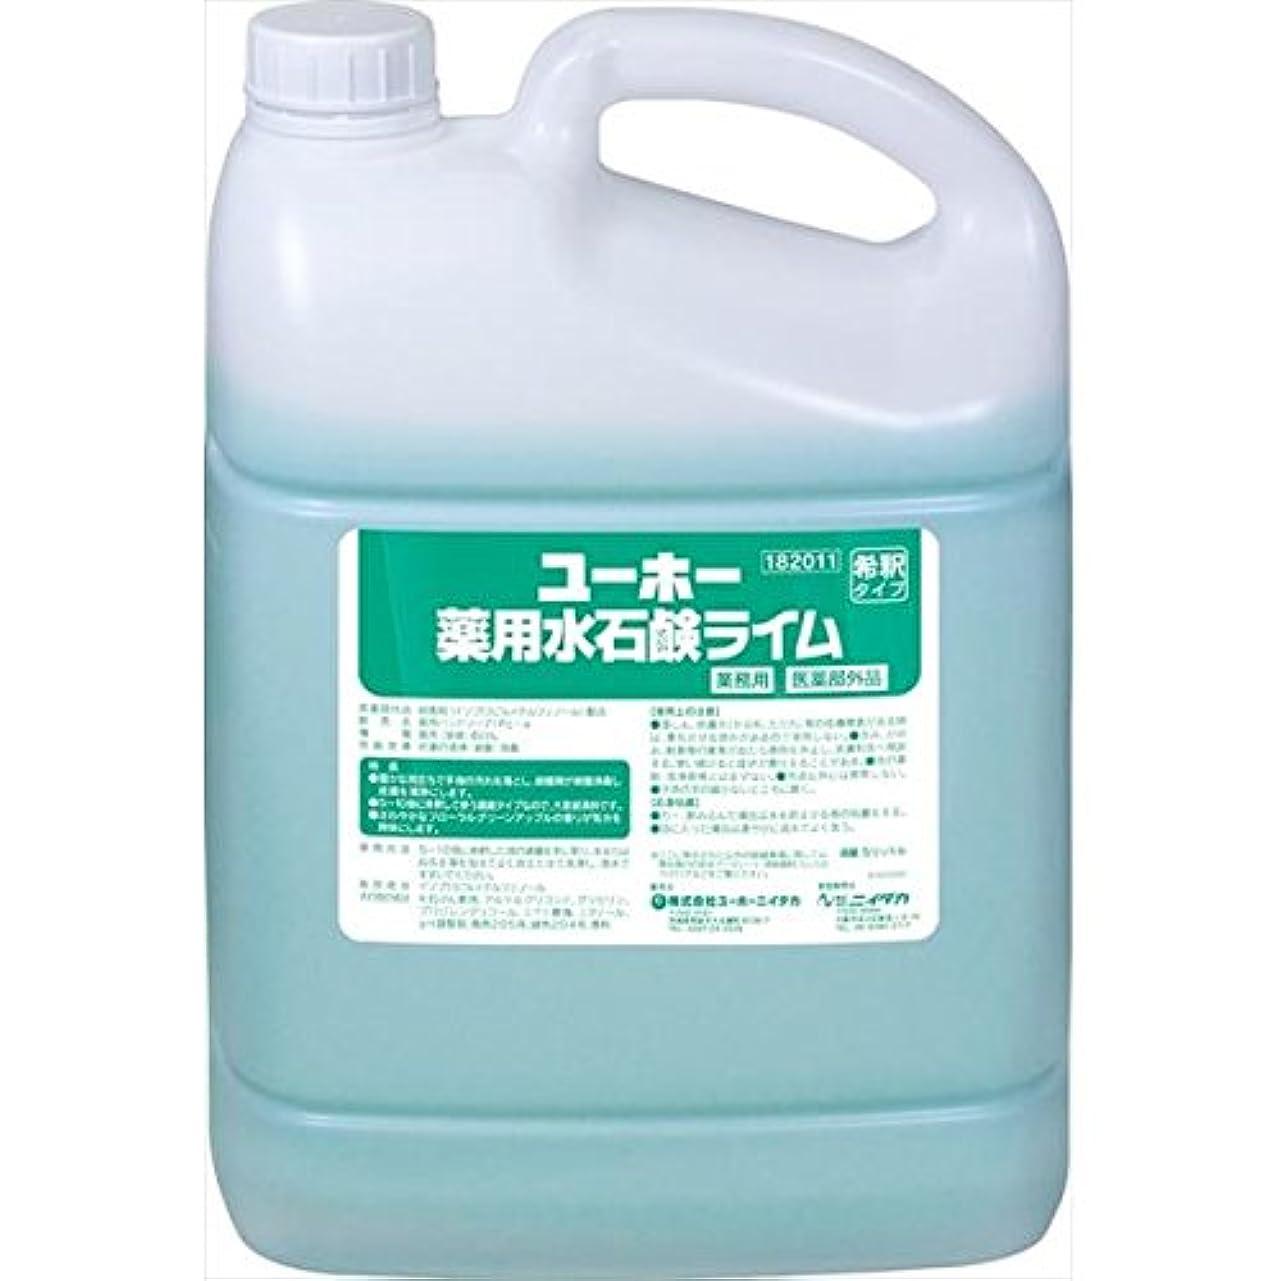 経由で遅いむしろユーホーニイタカ:薬用水石鹸ライム 5L×2 182011